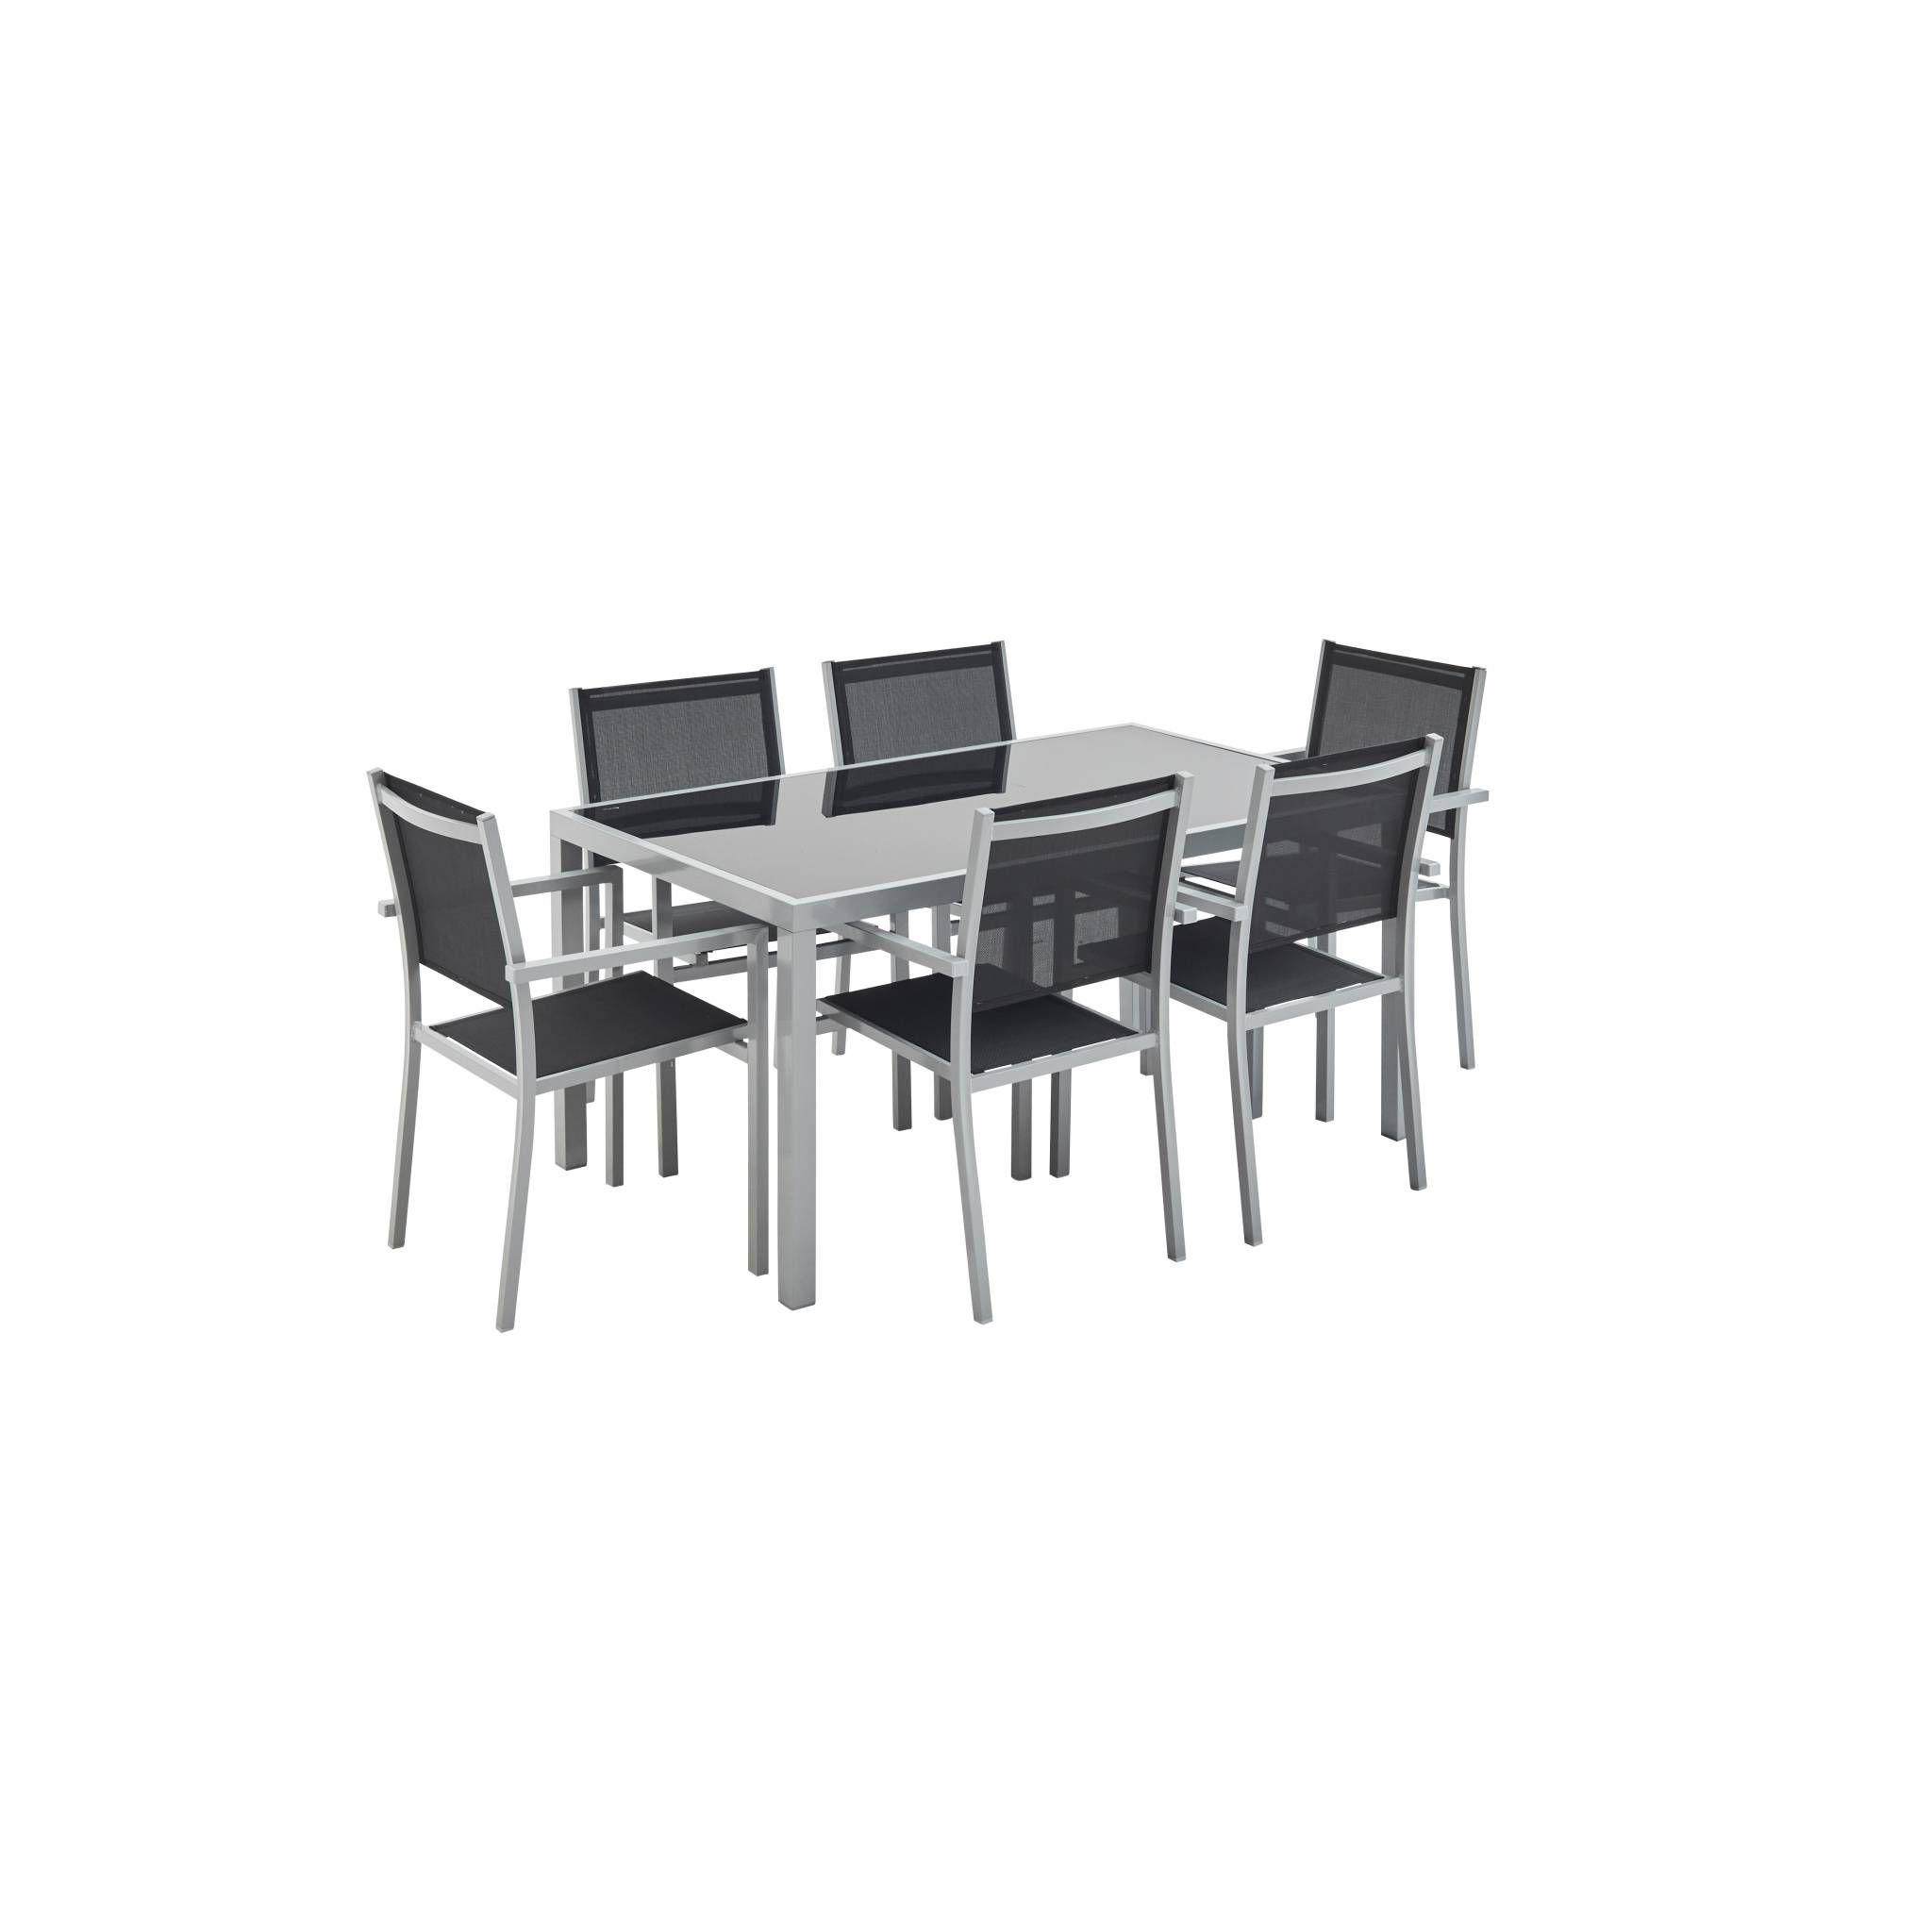 Ensemble table et chaise de jardin Salon de jardin Capua en aluminium noir